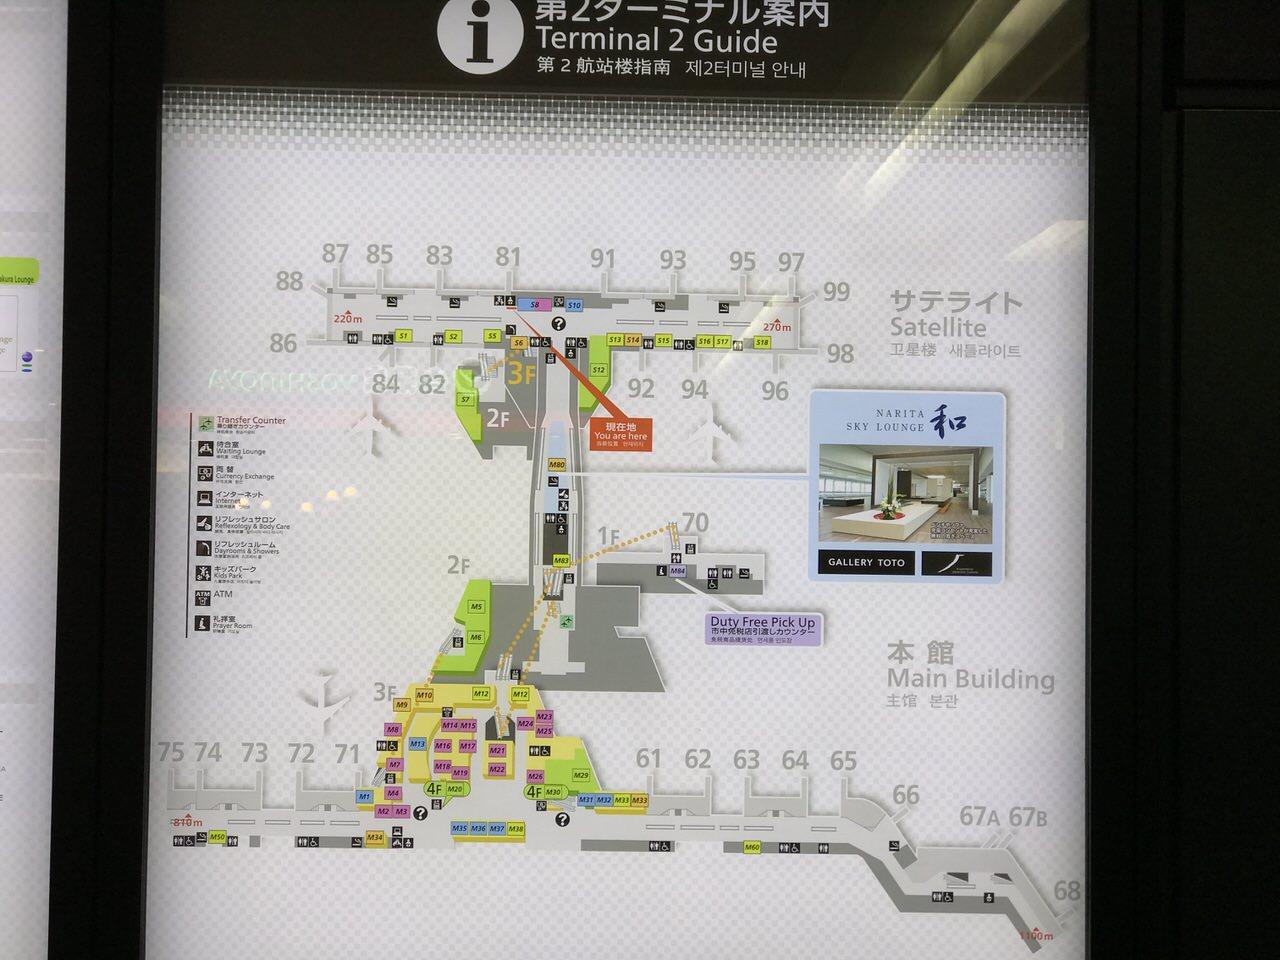 Narita airport yoshinoya 0388